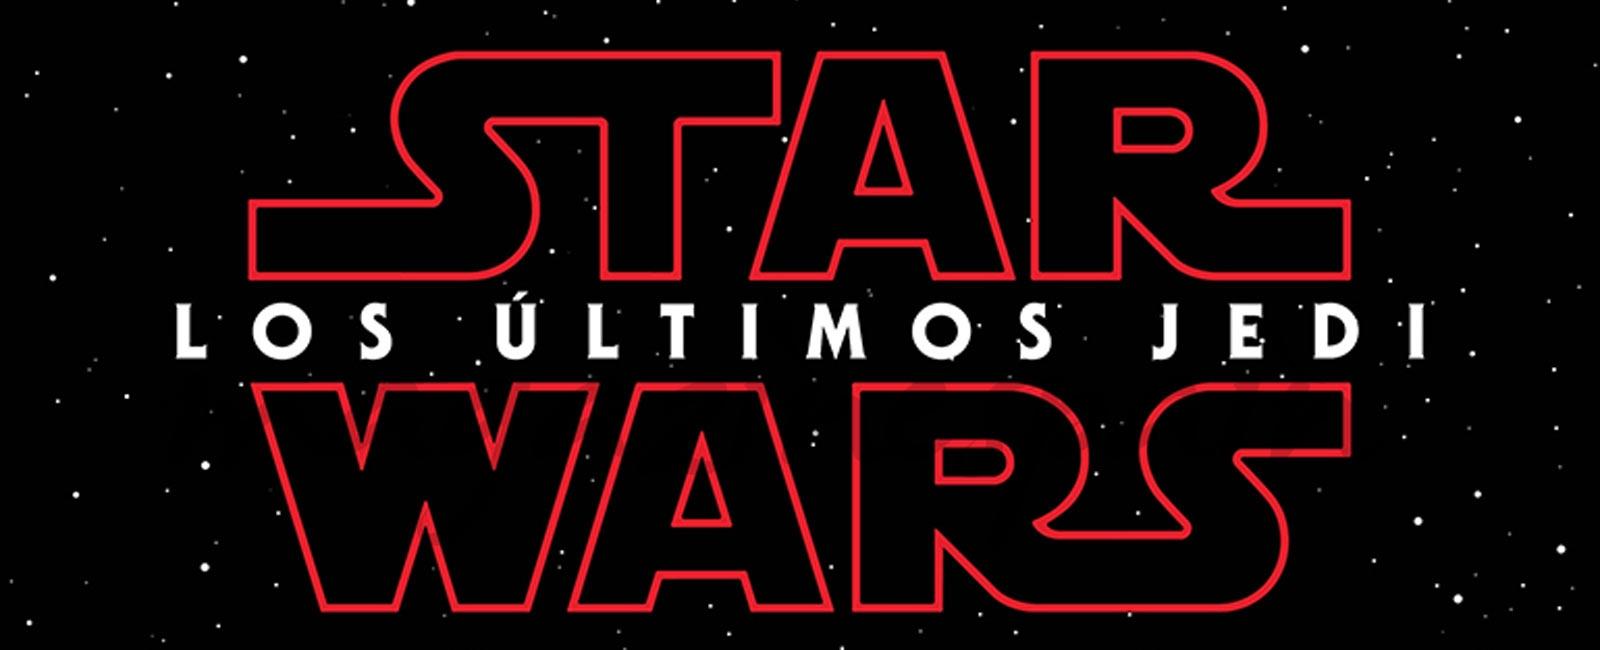 Ya podéis comprar las entradas para ver «Star Wars: Los Últimos Jedi»